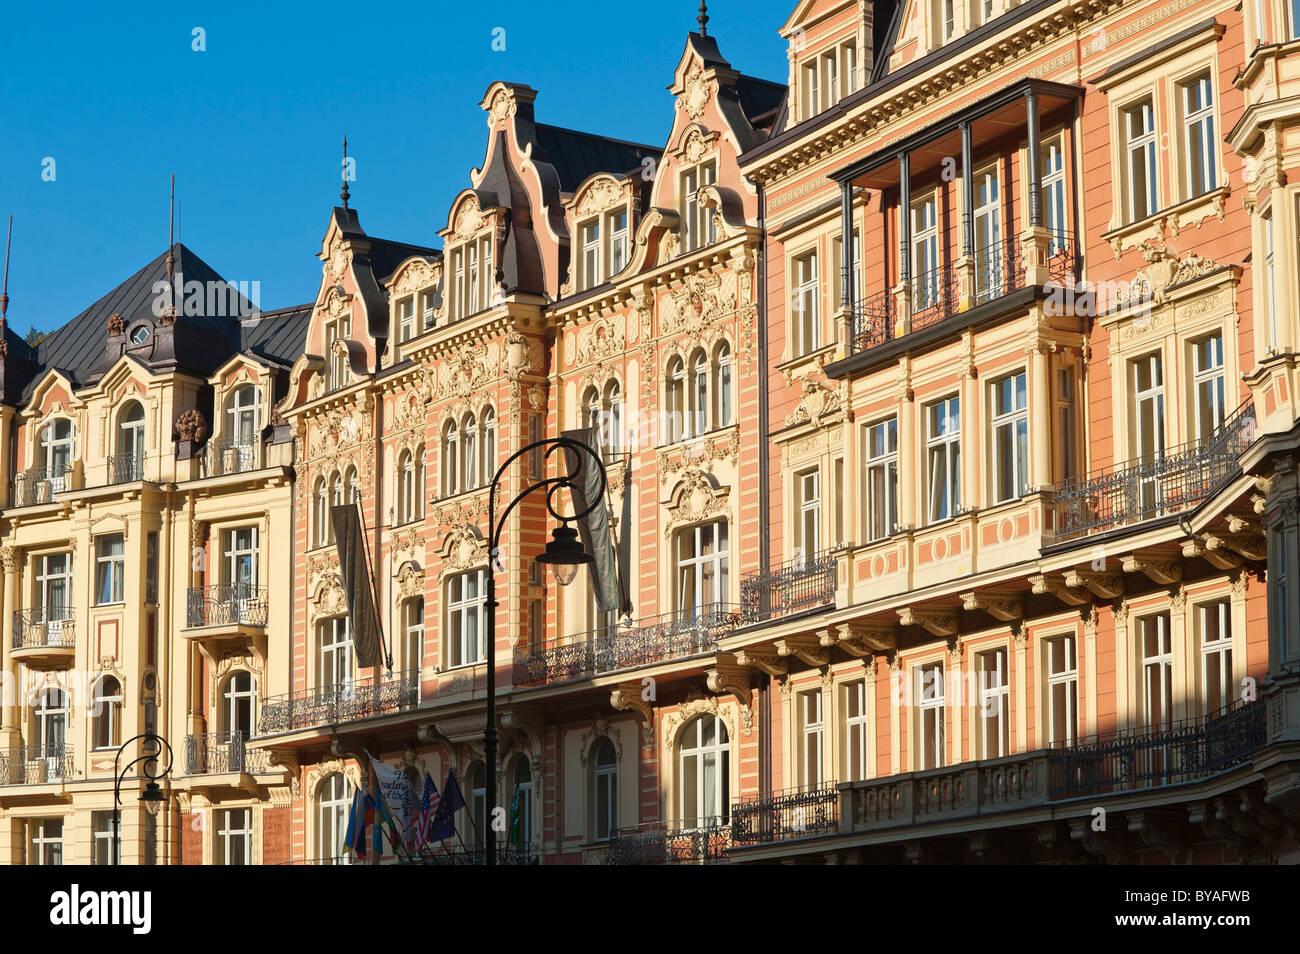 Hotel und Spa-Bereich am Tepla, Lazenska werfen, Carlsbad, Karlovy Vary, Böhmen, Tschechische Republik, Europa Stockbild